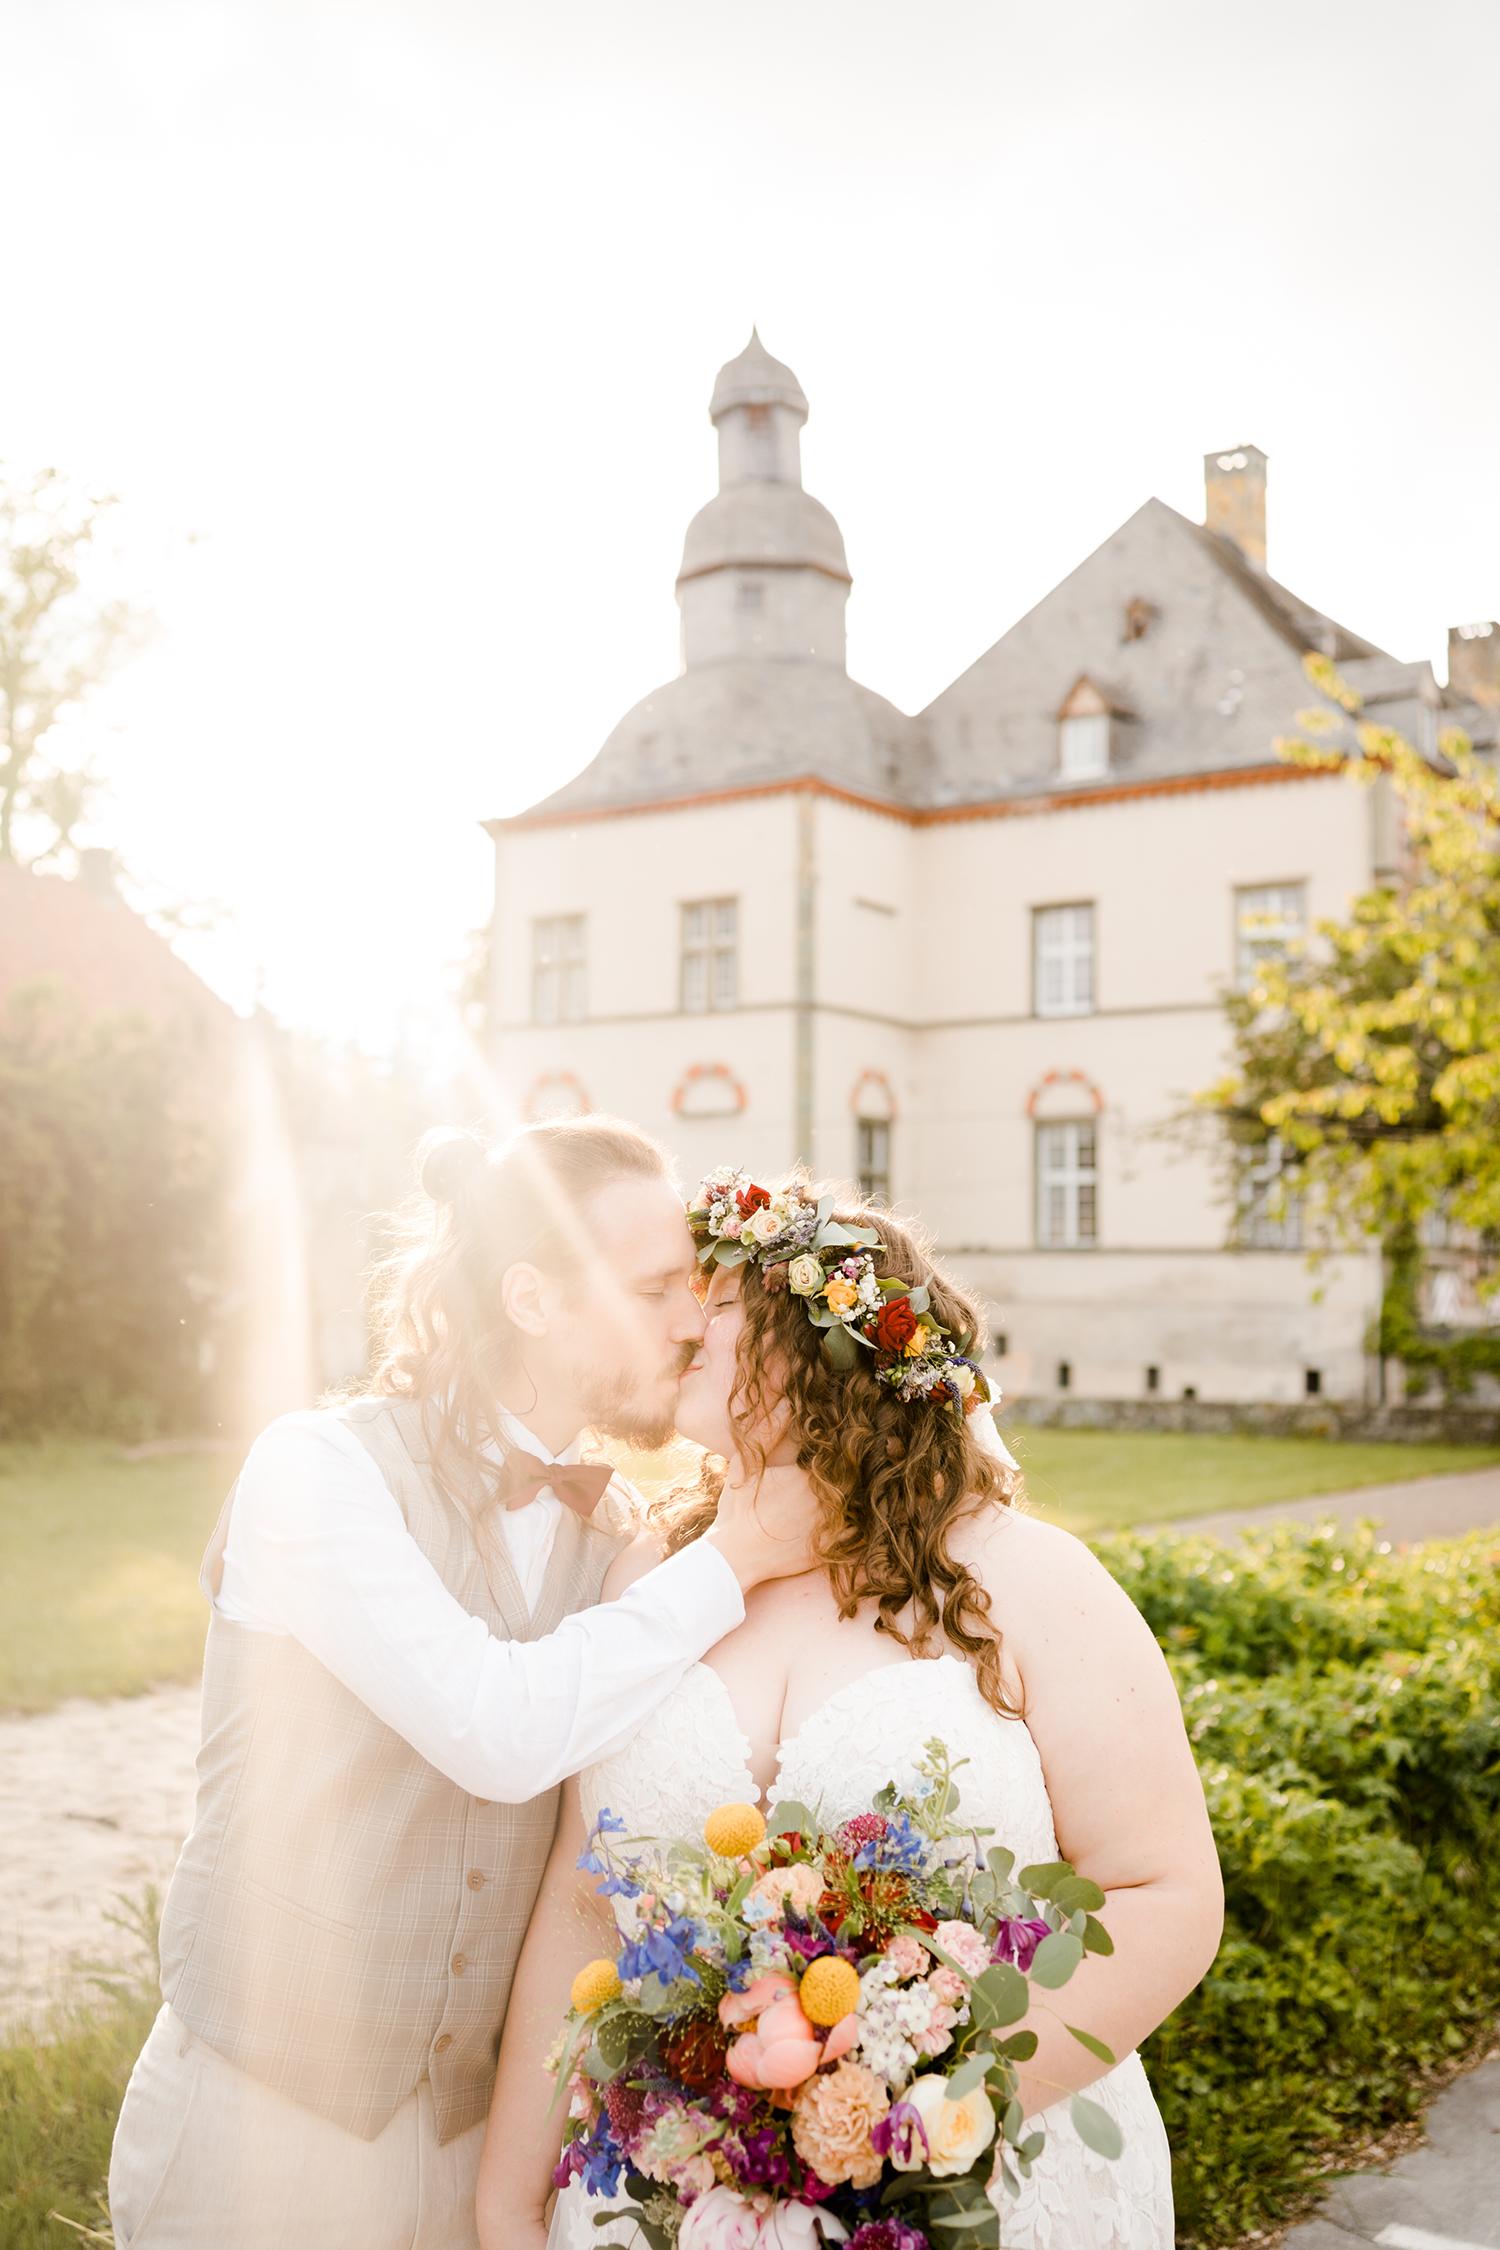 Nelli_Brinkmann_Fotografie_Hochzeit_BIelefeld_Bad_Oeynhausen_Lippstadt_Herford